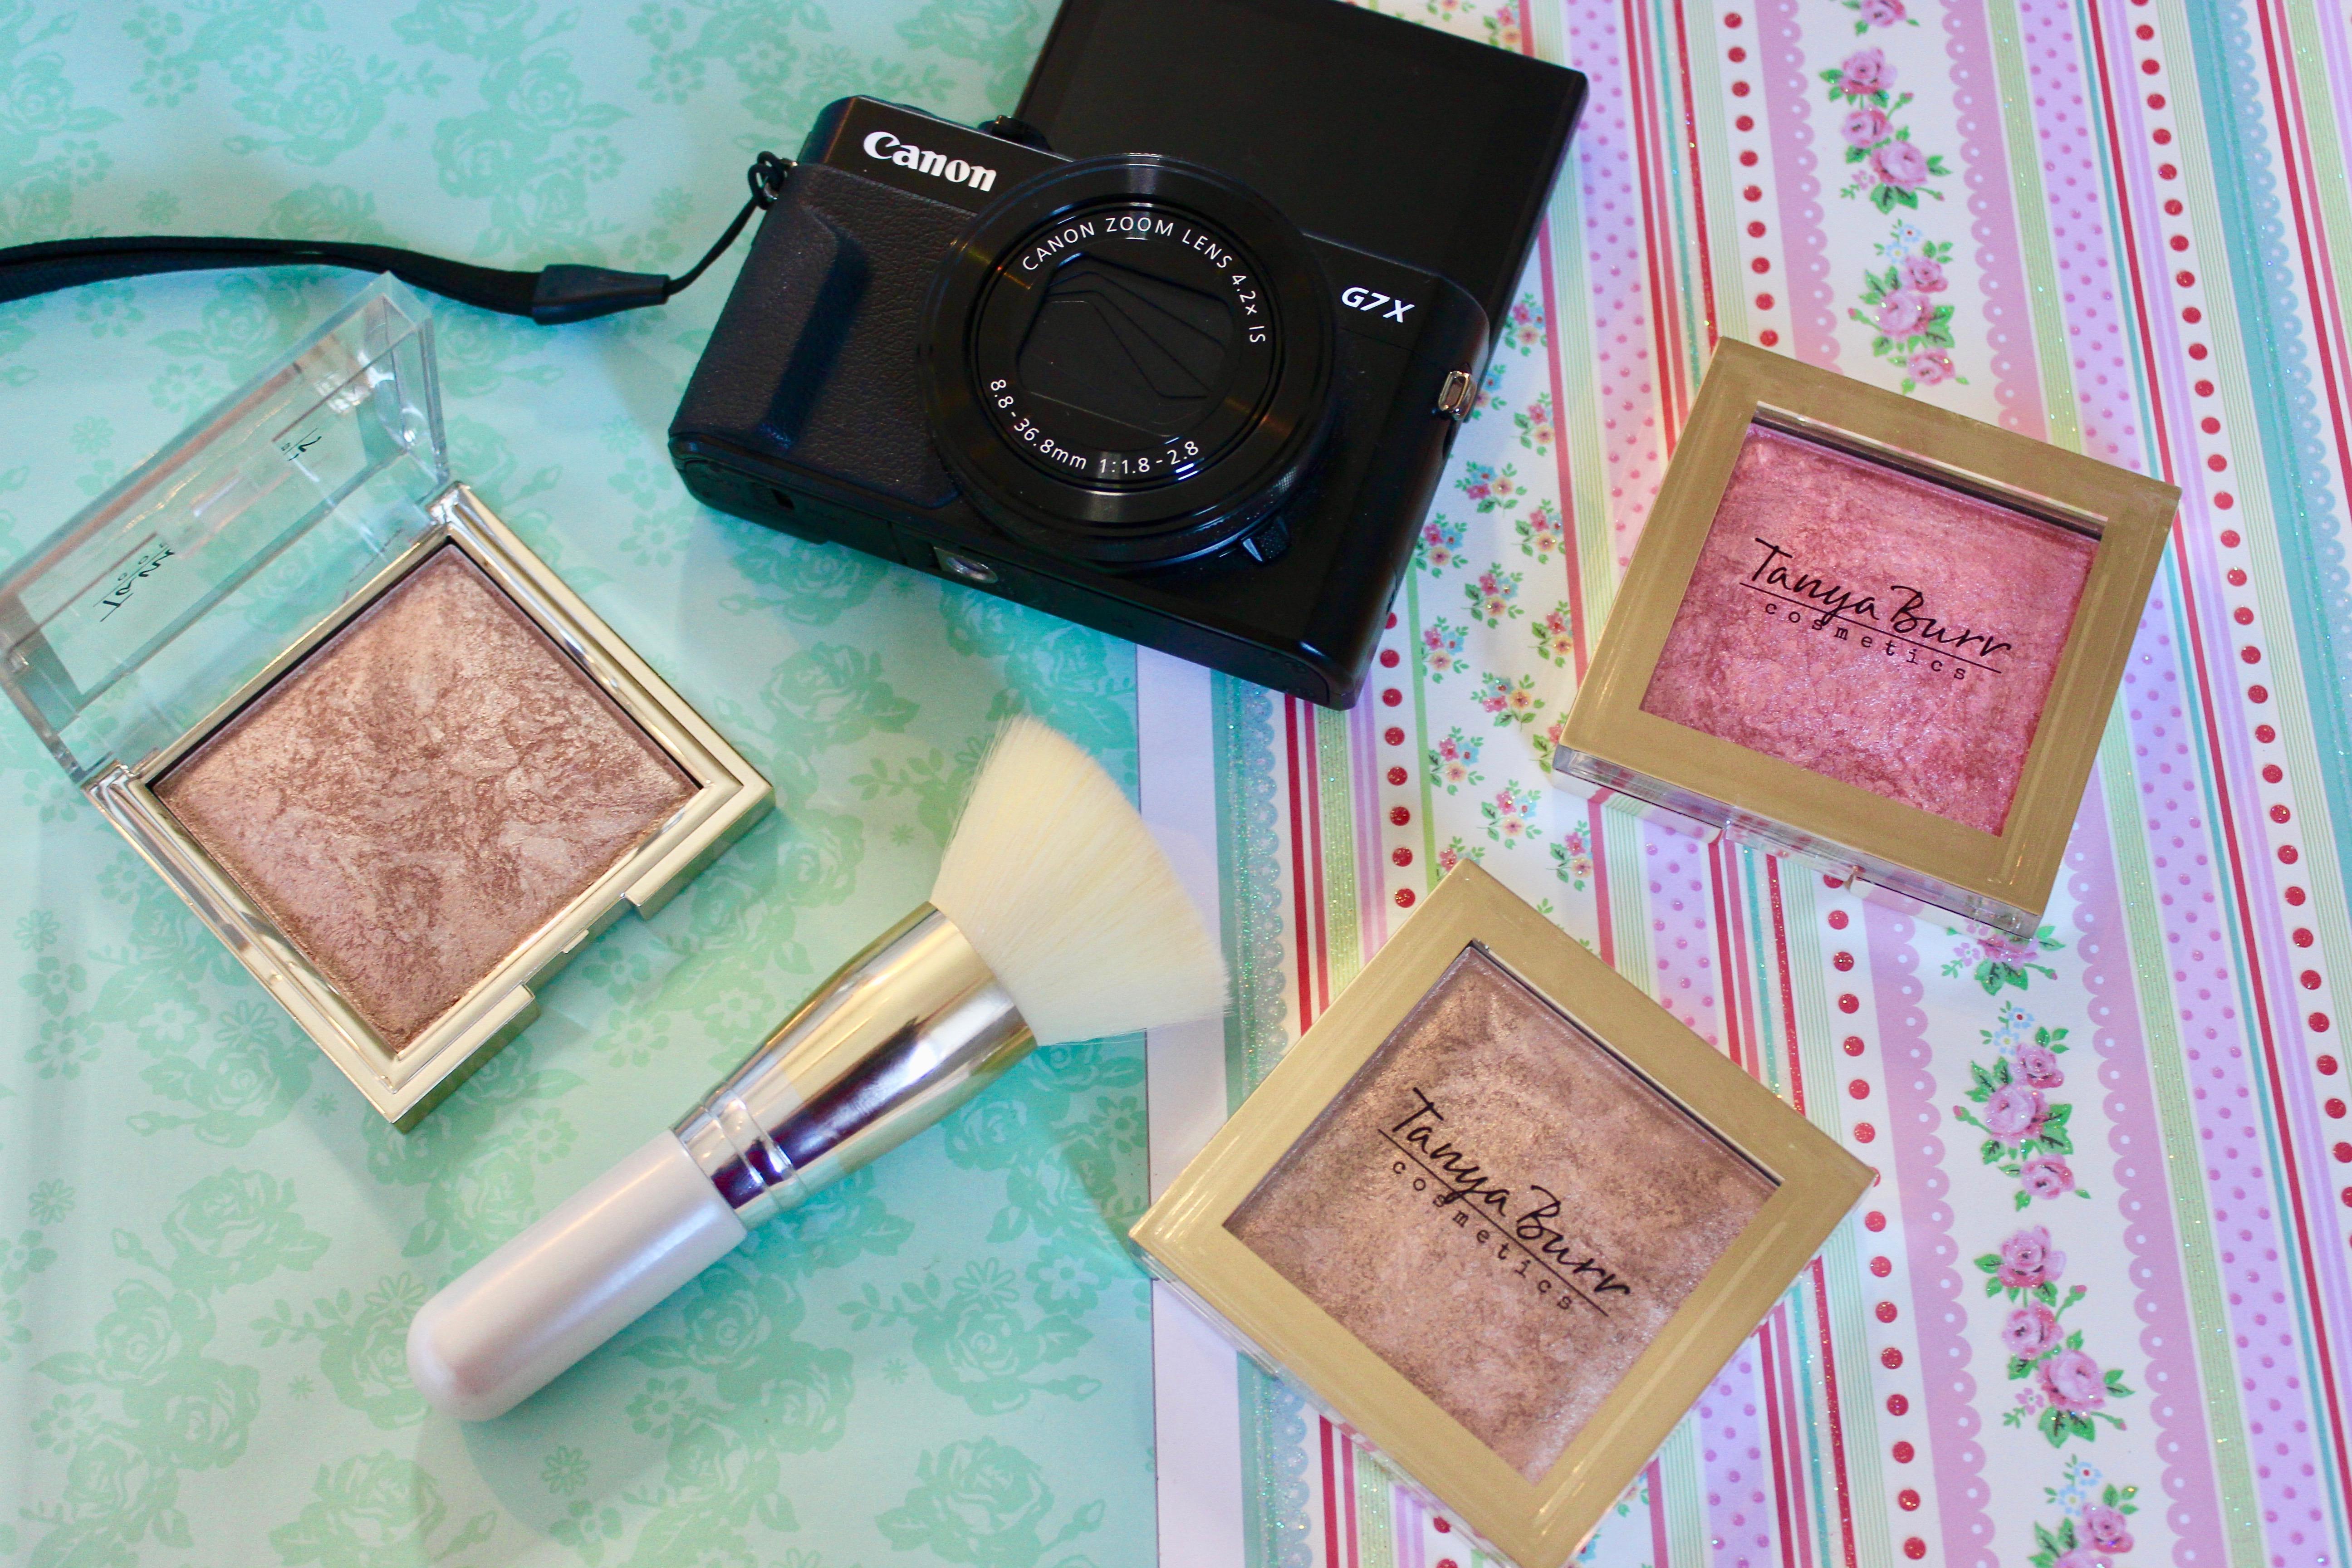 Tanya Burr Cosmetics Illuminating Powders